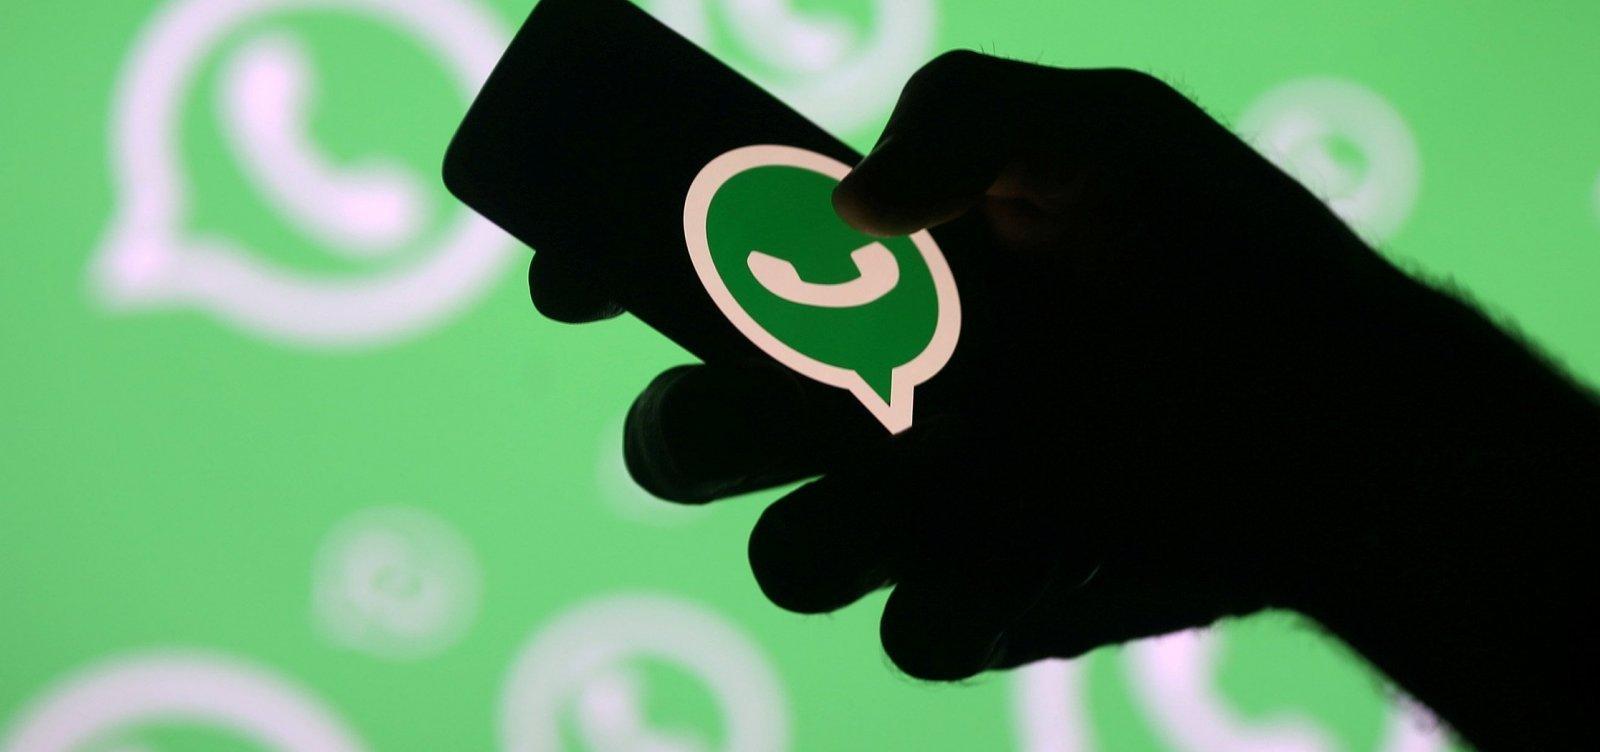 WhatsApp baniu mais de mil contas por disparos em massa durante período eleitoral, diz TSE